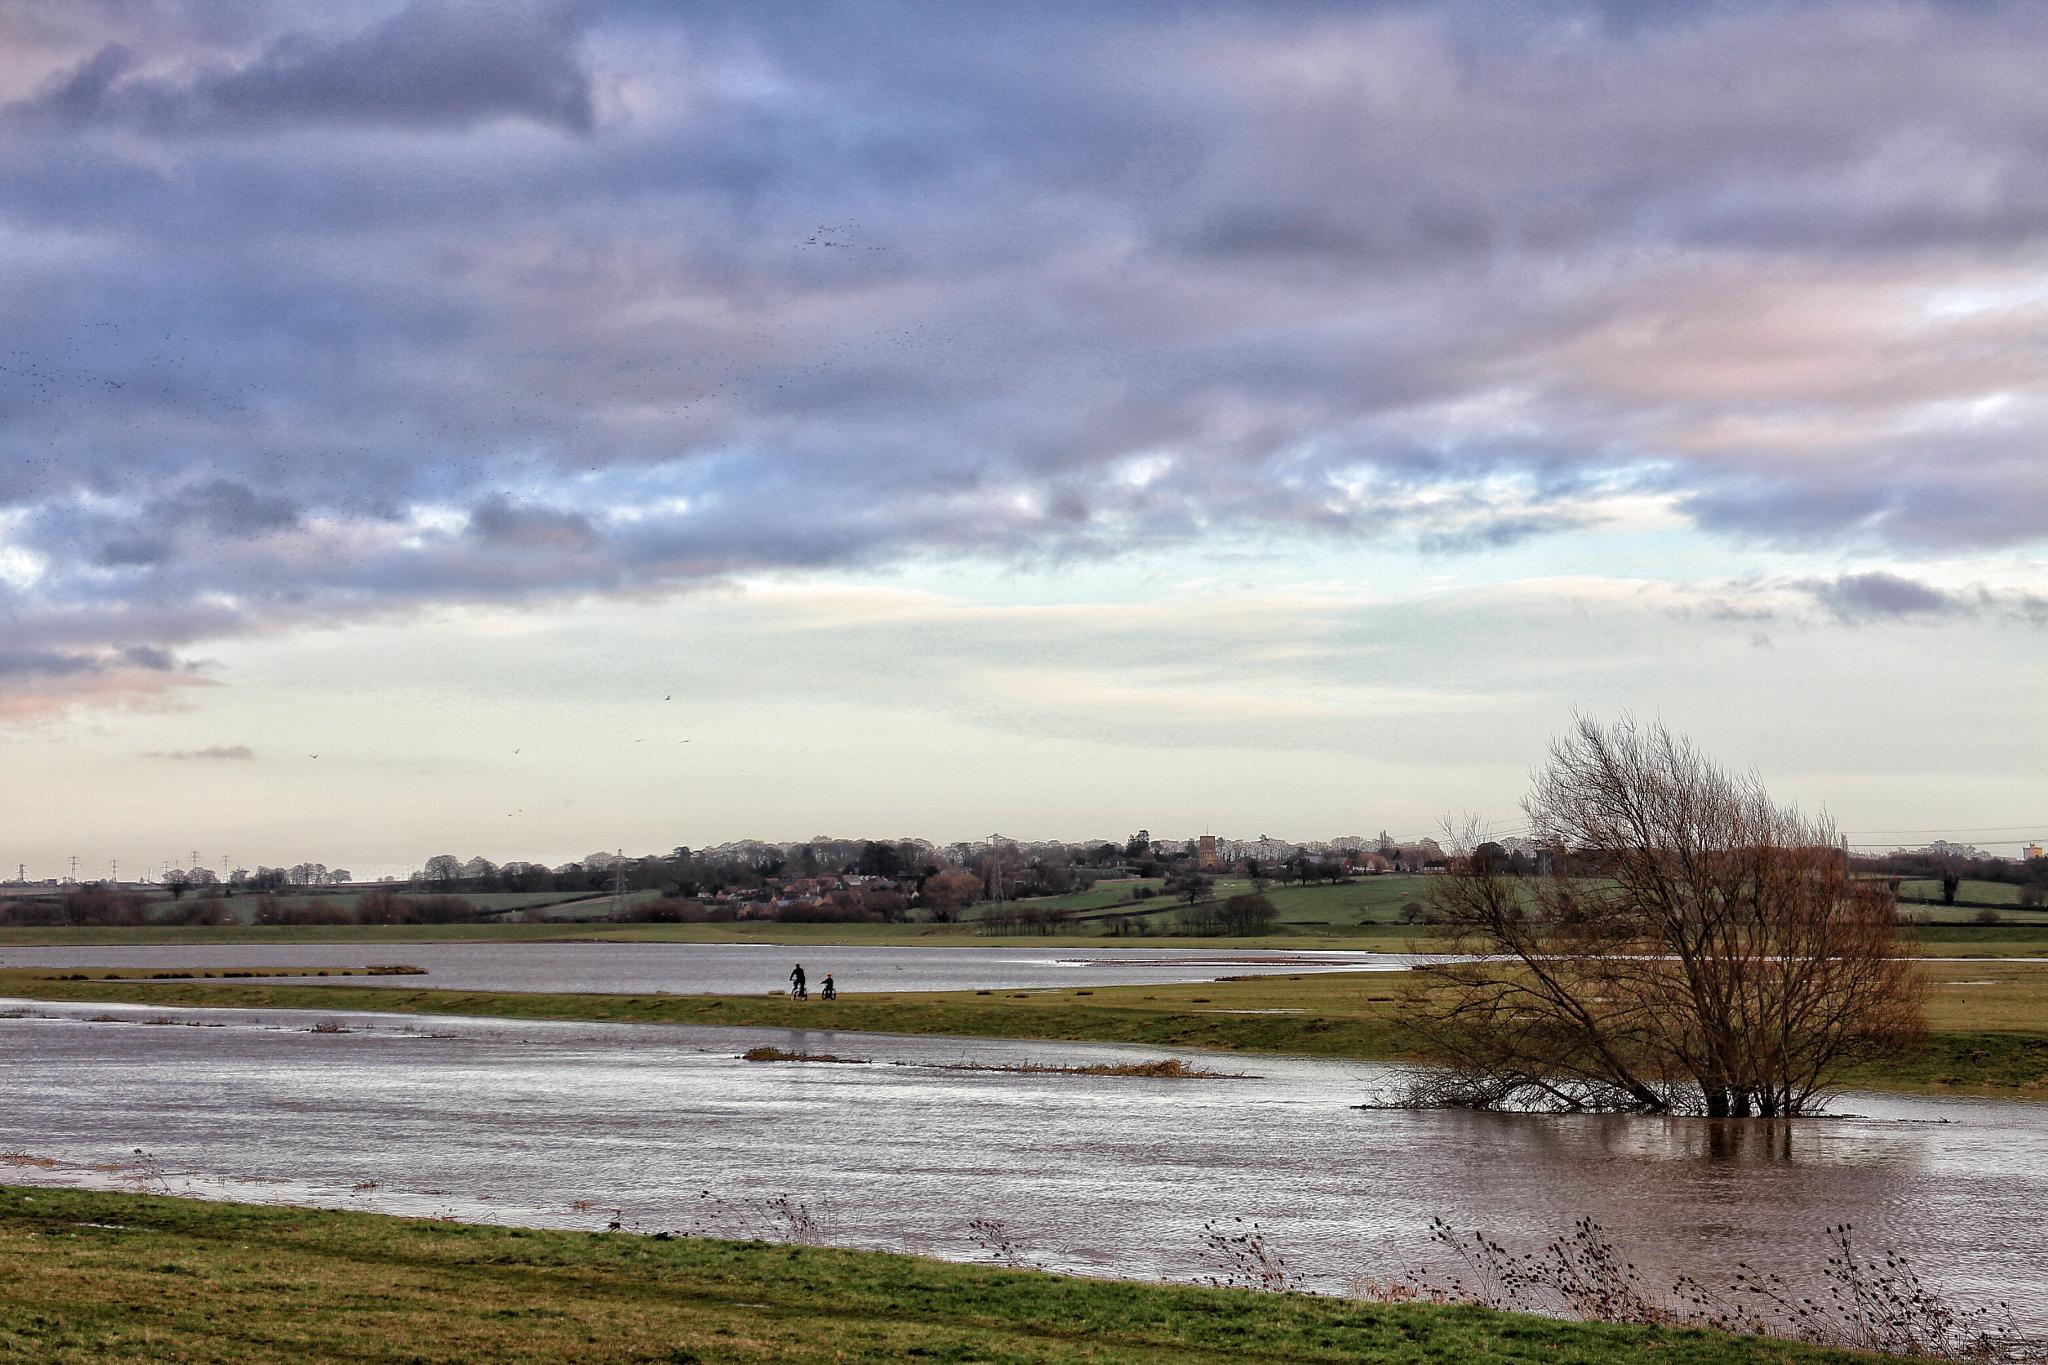 Floodwater Northampton  by Luke Barklamb